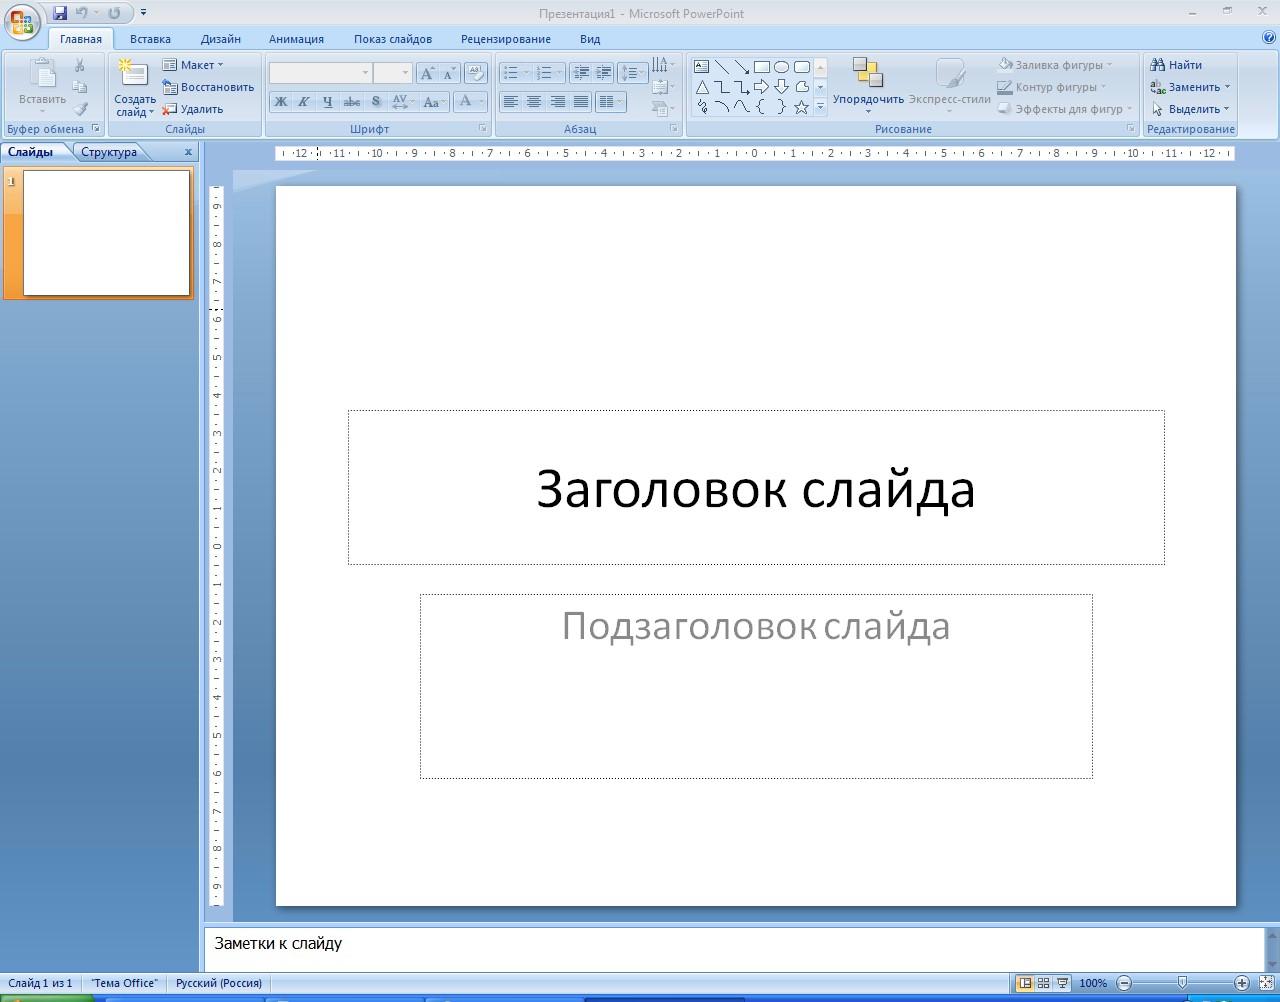 микрософт поверпоинт